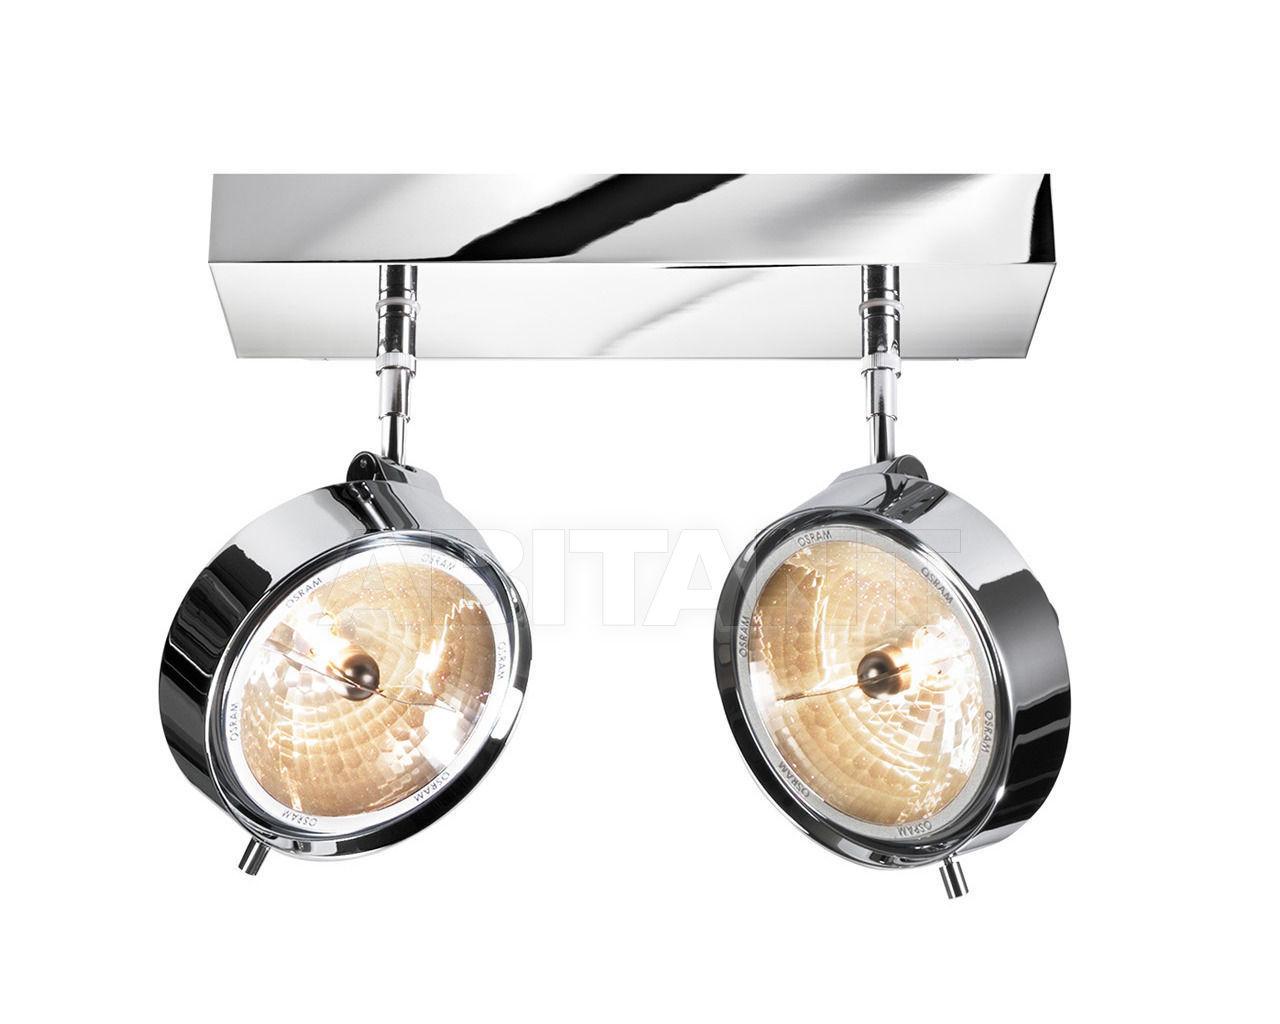 Купить Светильник-спот Bruck Strahler 120211ch